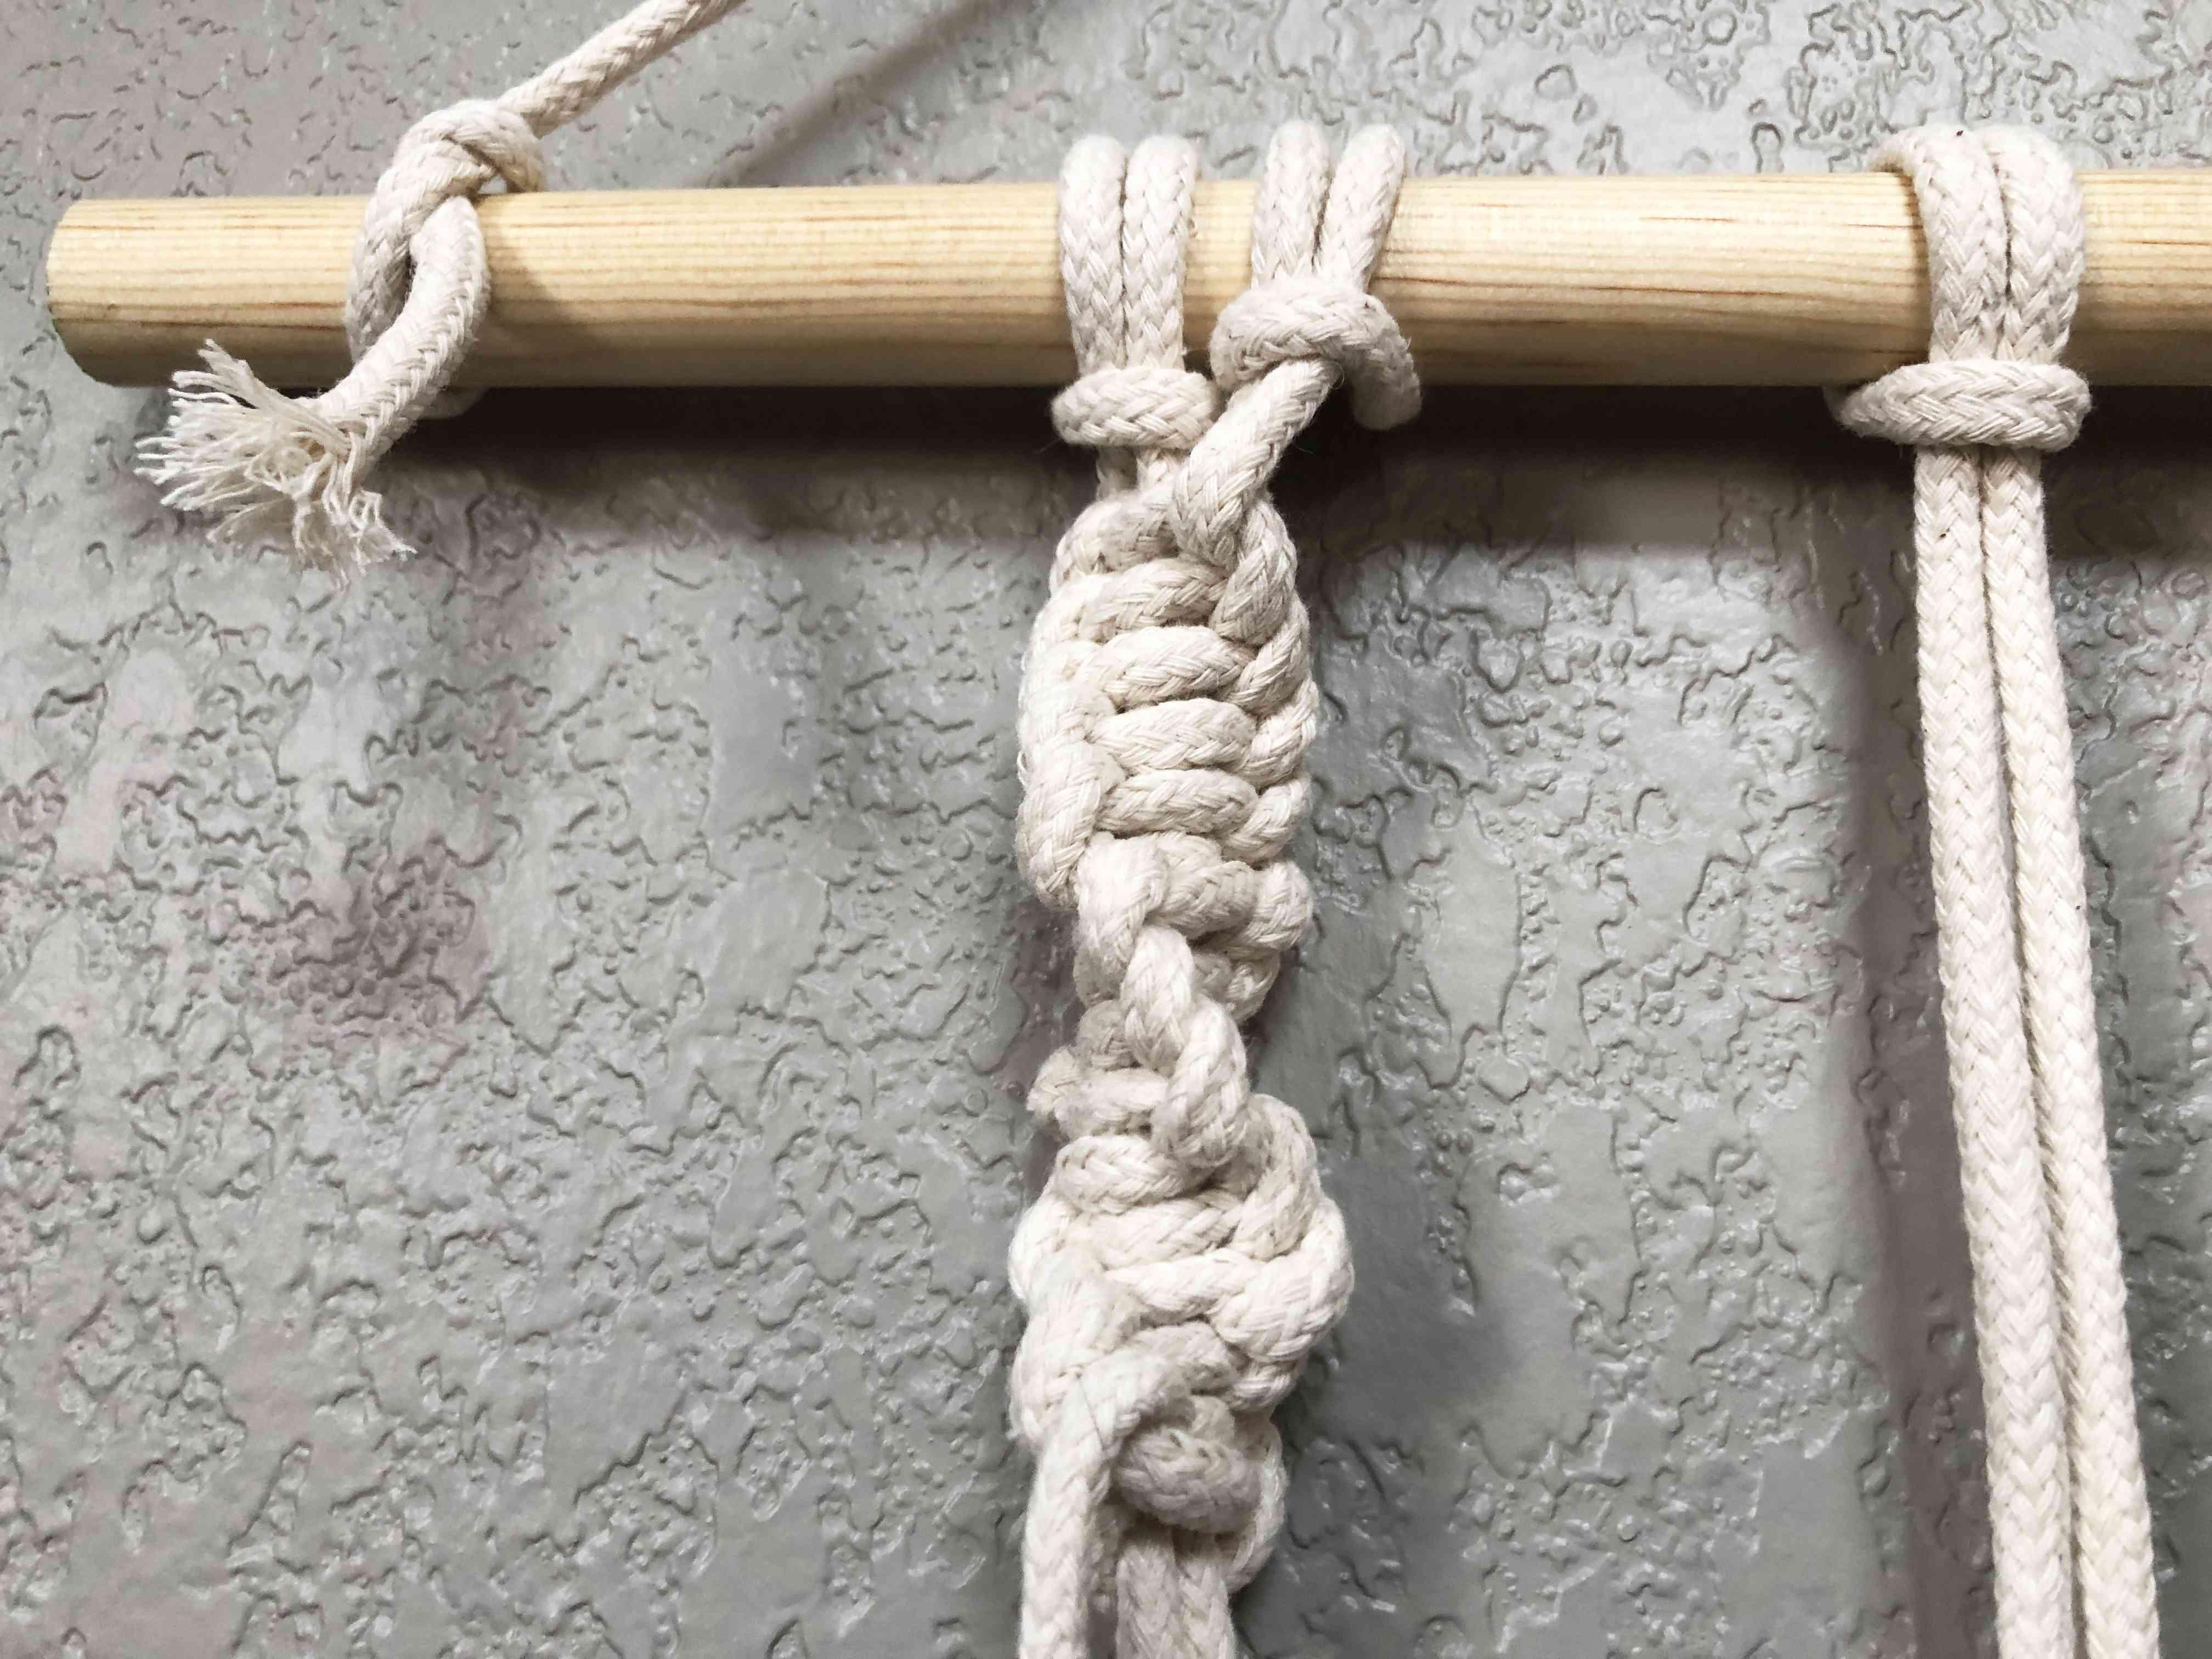 A macrame spiral stitch